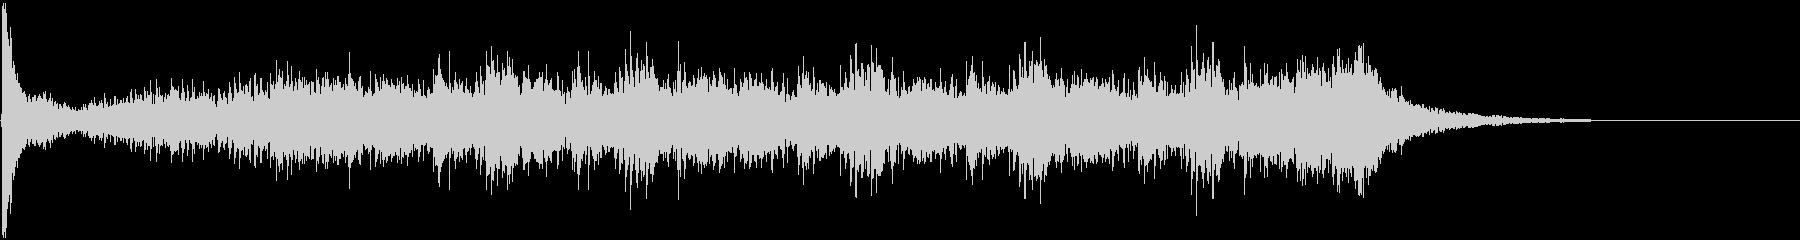 ティンパニロール-2の未再生の波形